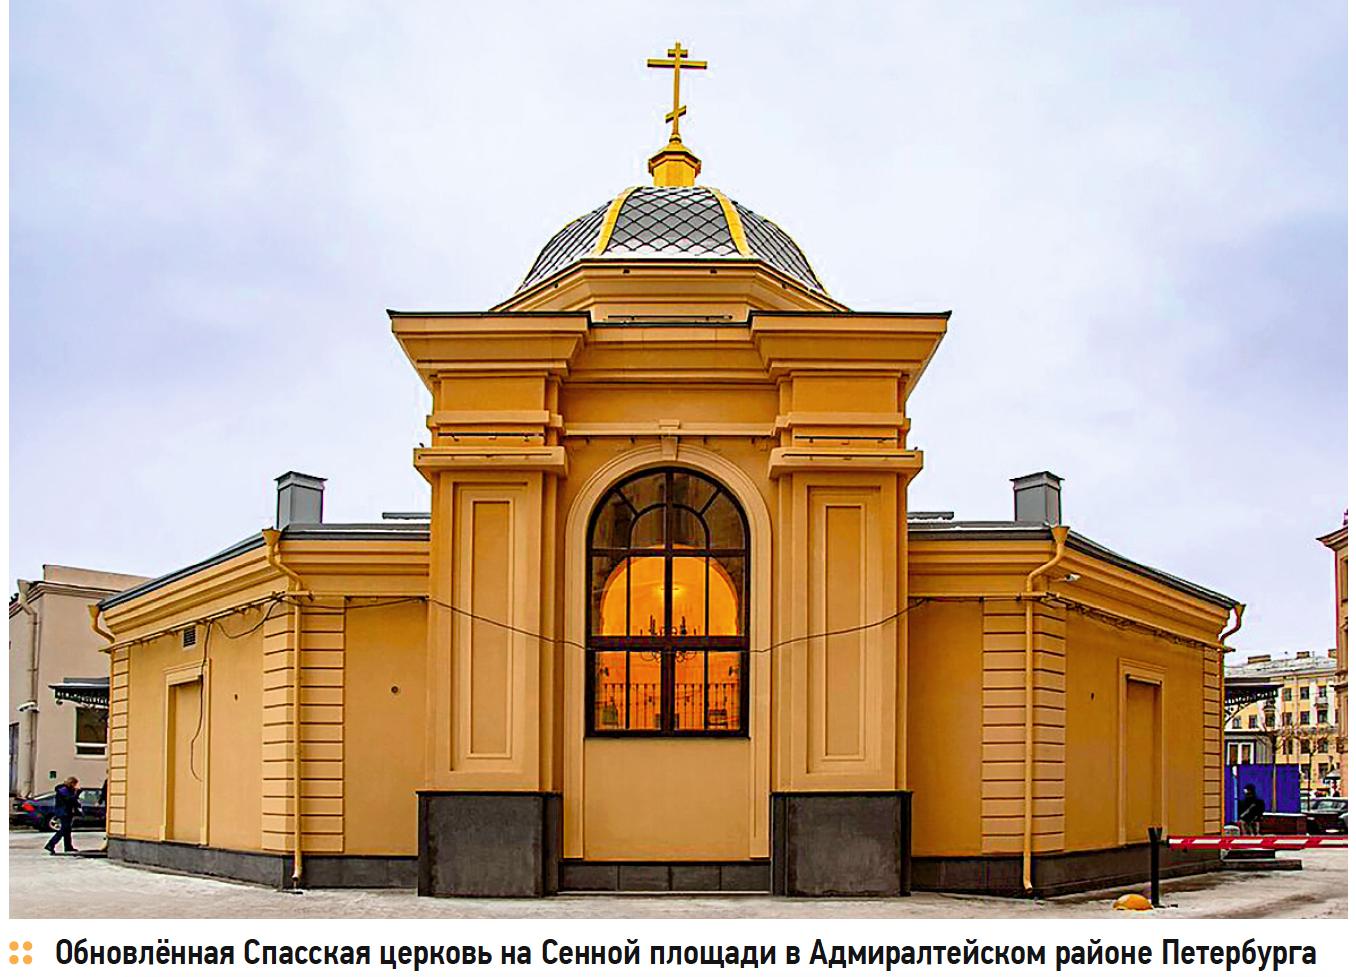 Обновлённая Спасская церковь на Сенной площади в Адмиралтейском районе Петербурга